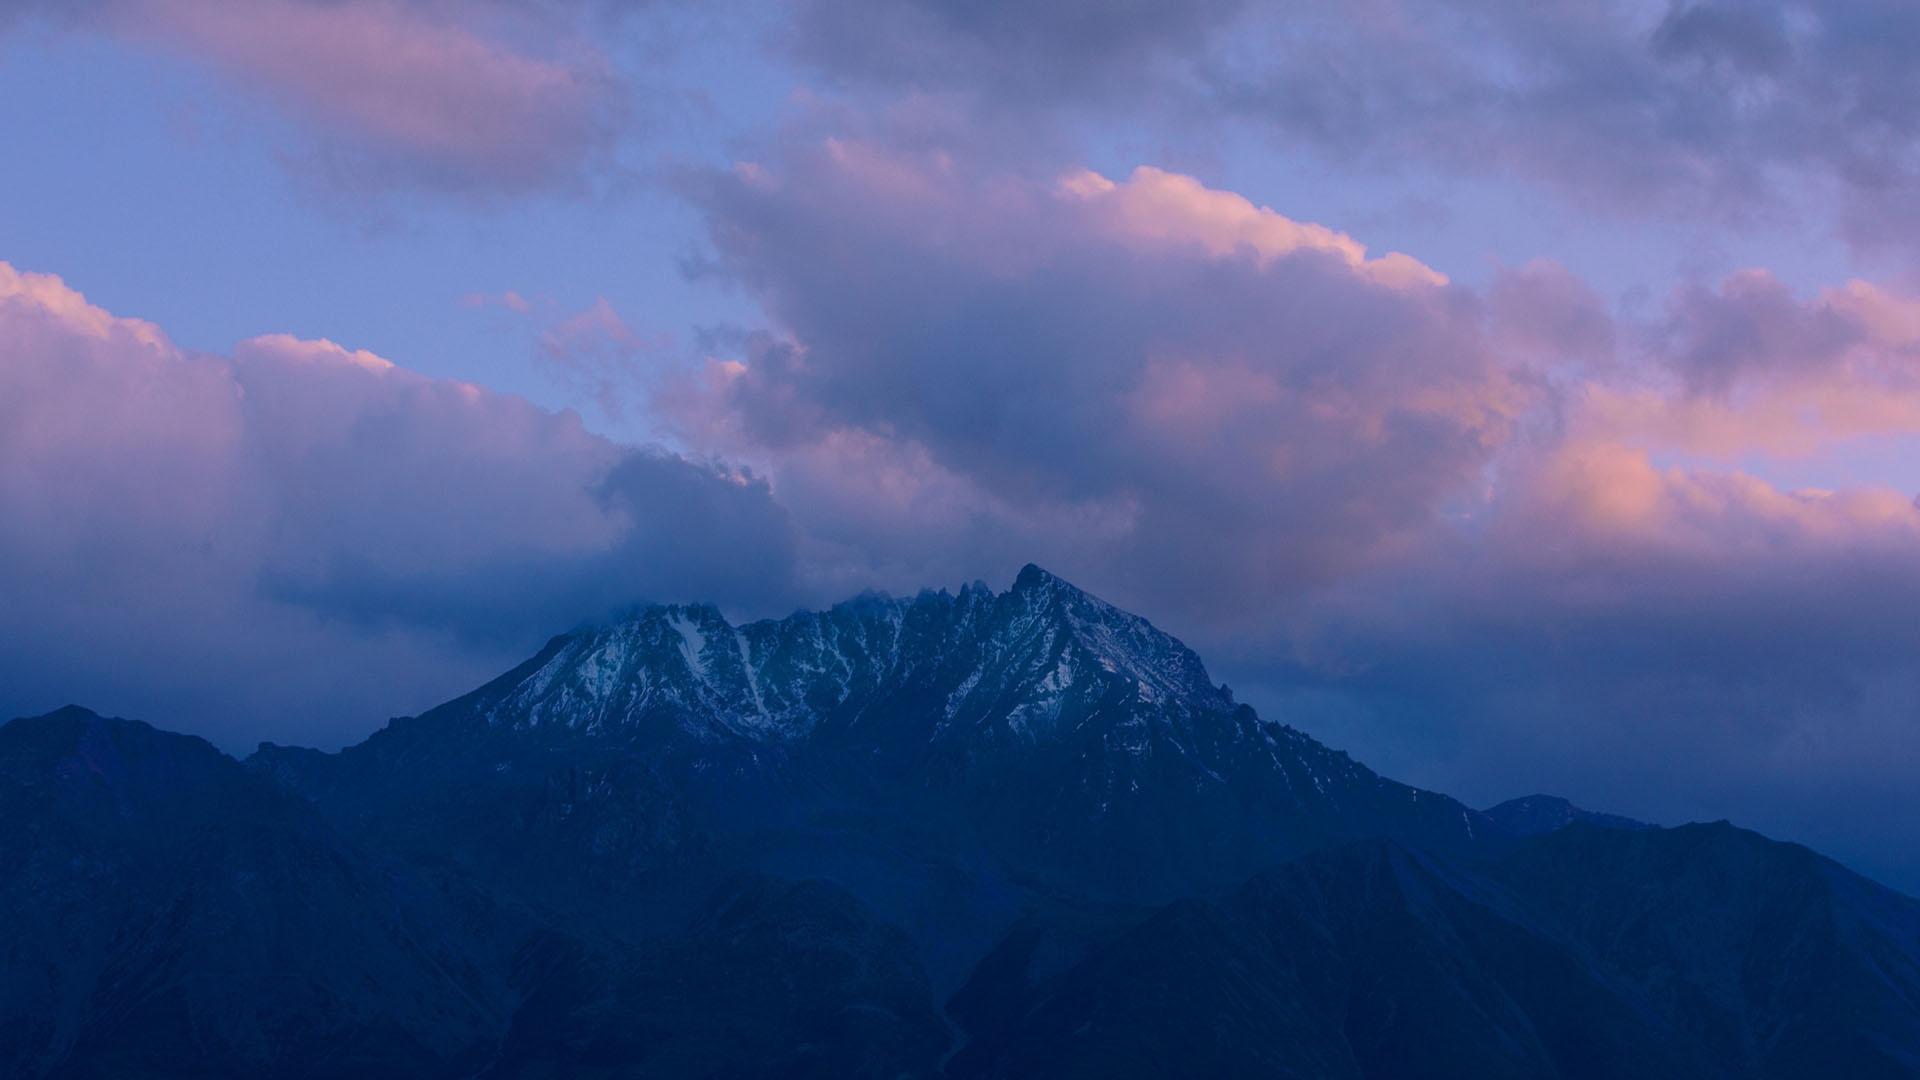 清晨的时分朦胧高山云雾风光